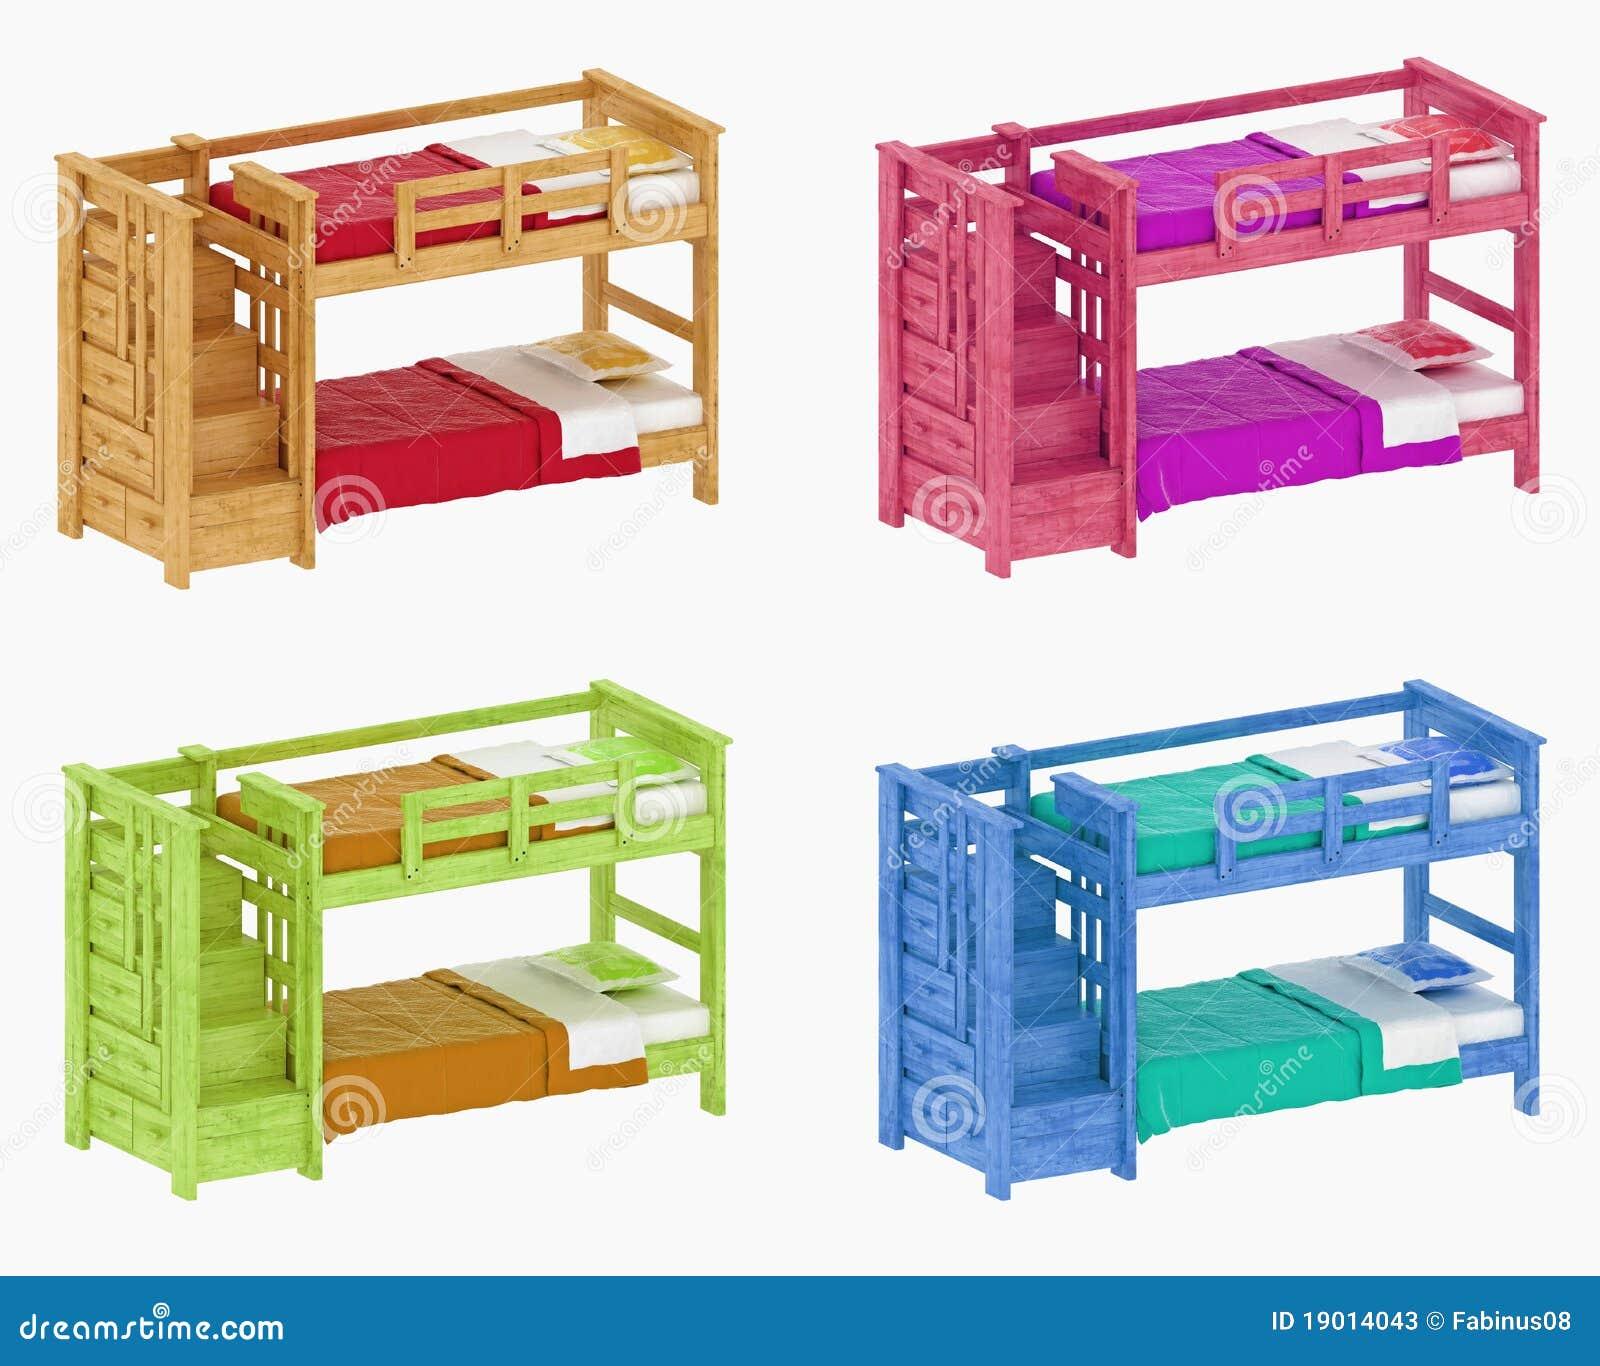 childrens bunk beds stock illustration image of green. Black Bedroom Furniture Sets. Home Design Ideas